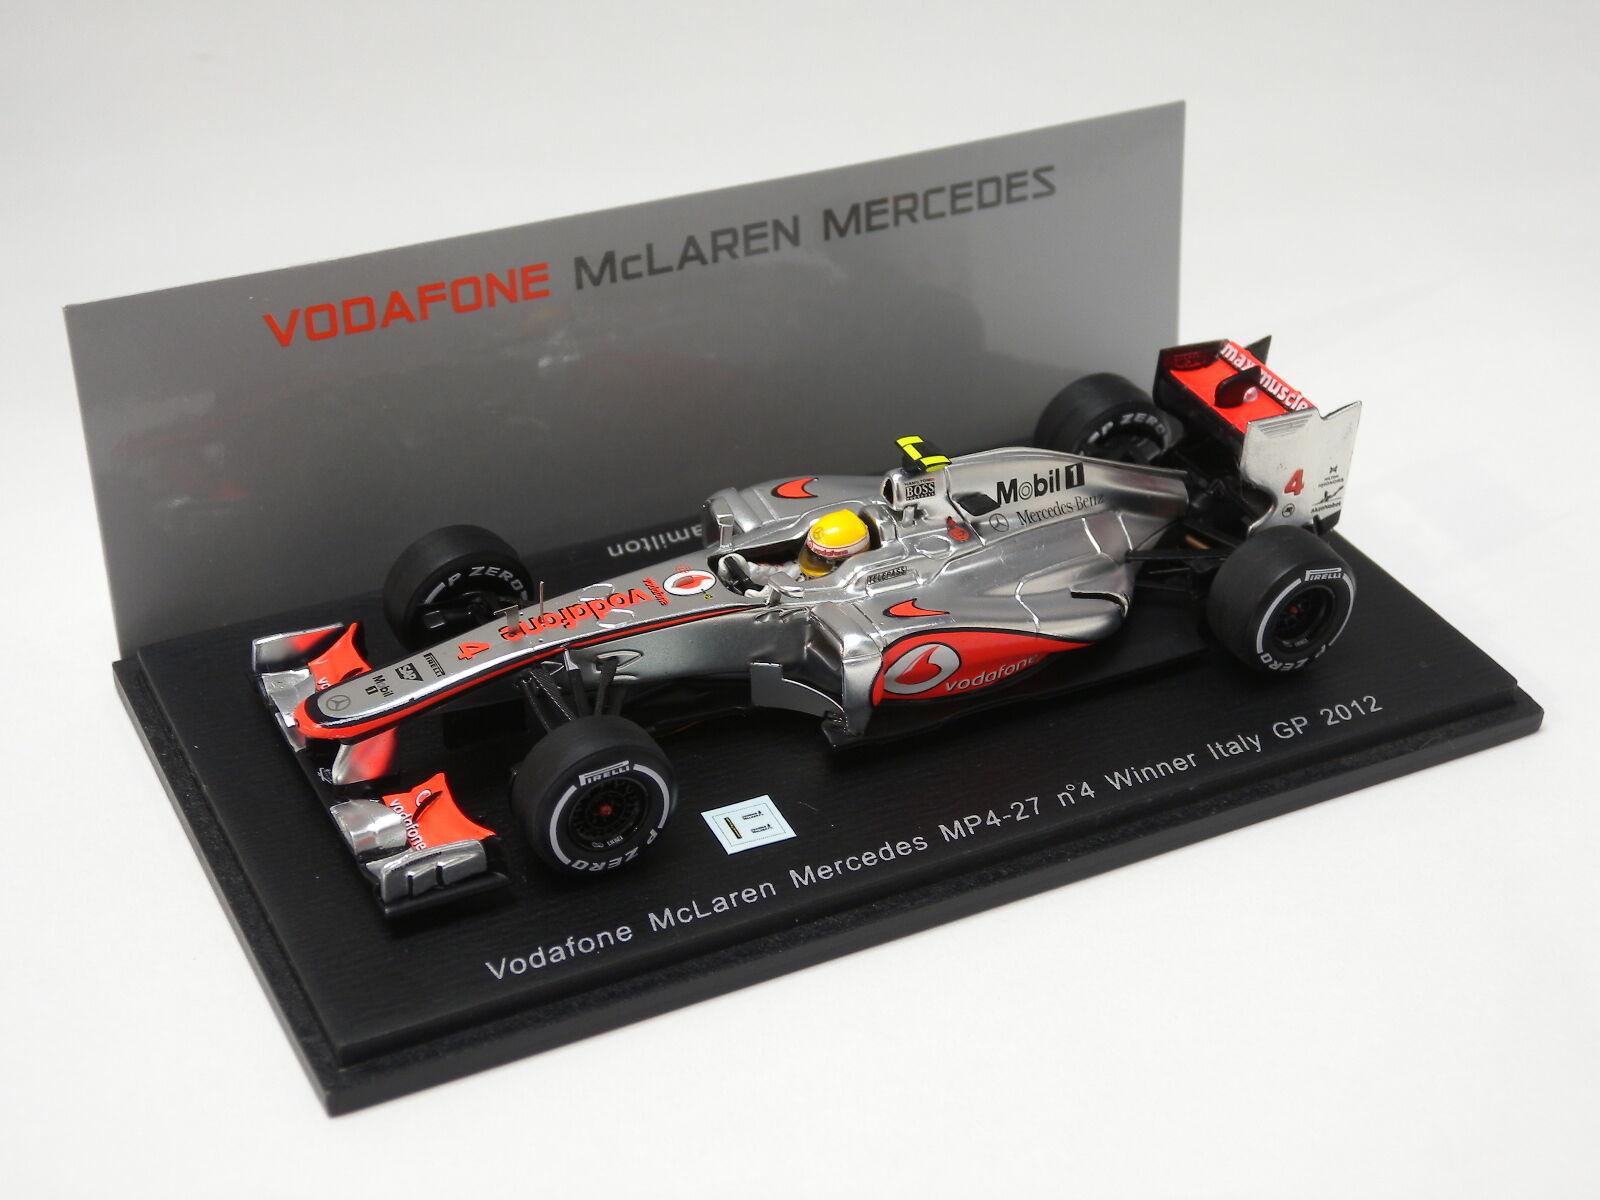 venta de ofertas Vodafone McLaren MP4-27, No.4, ganador L. Hamilton Italia Grand Prix Prix Prix 2012 Spark 1 43 S3047  Ahorre 60% de descuento y envío rápido a todo el mundo.